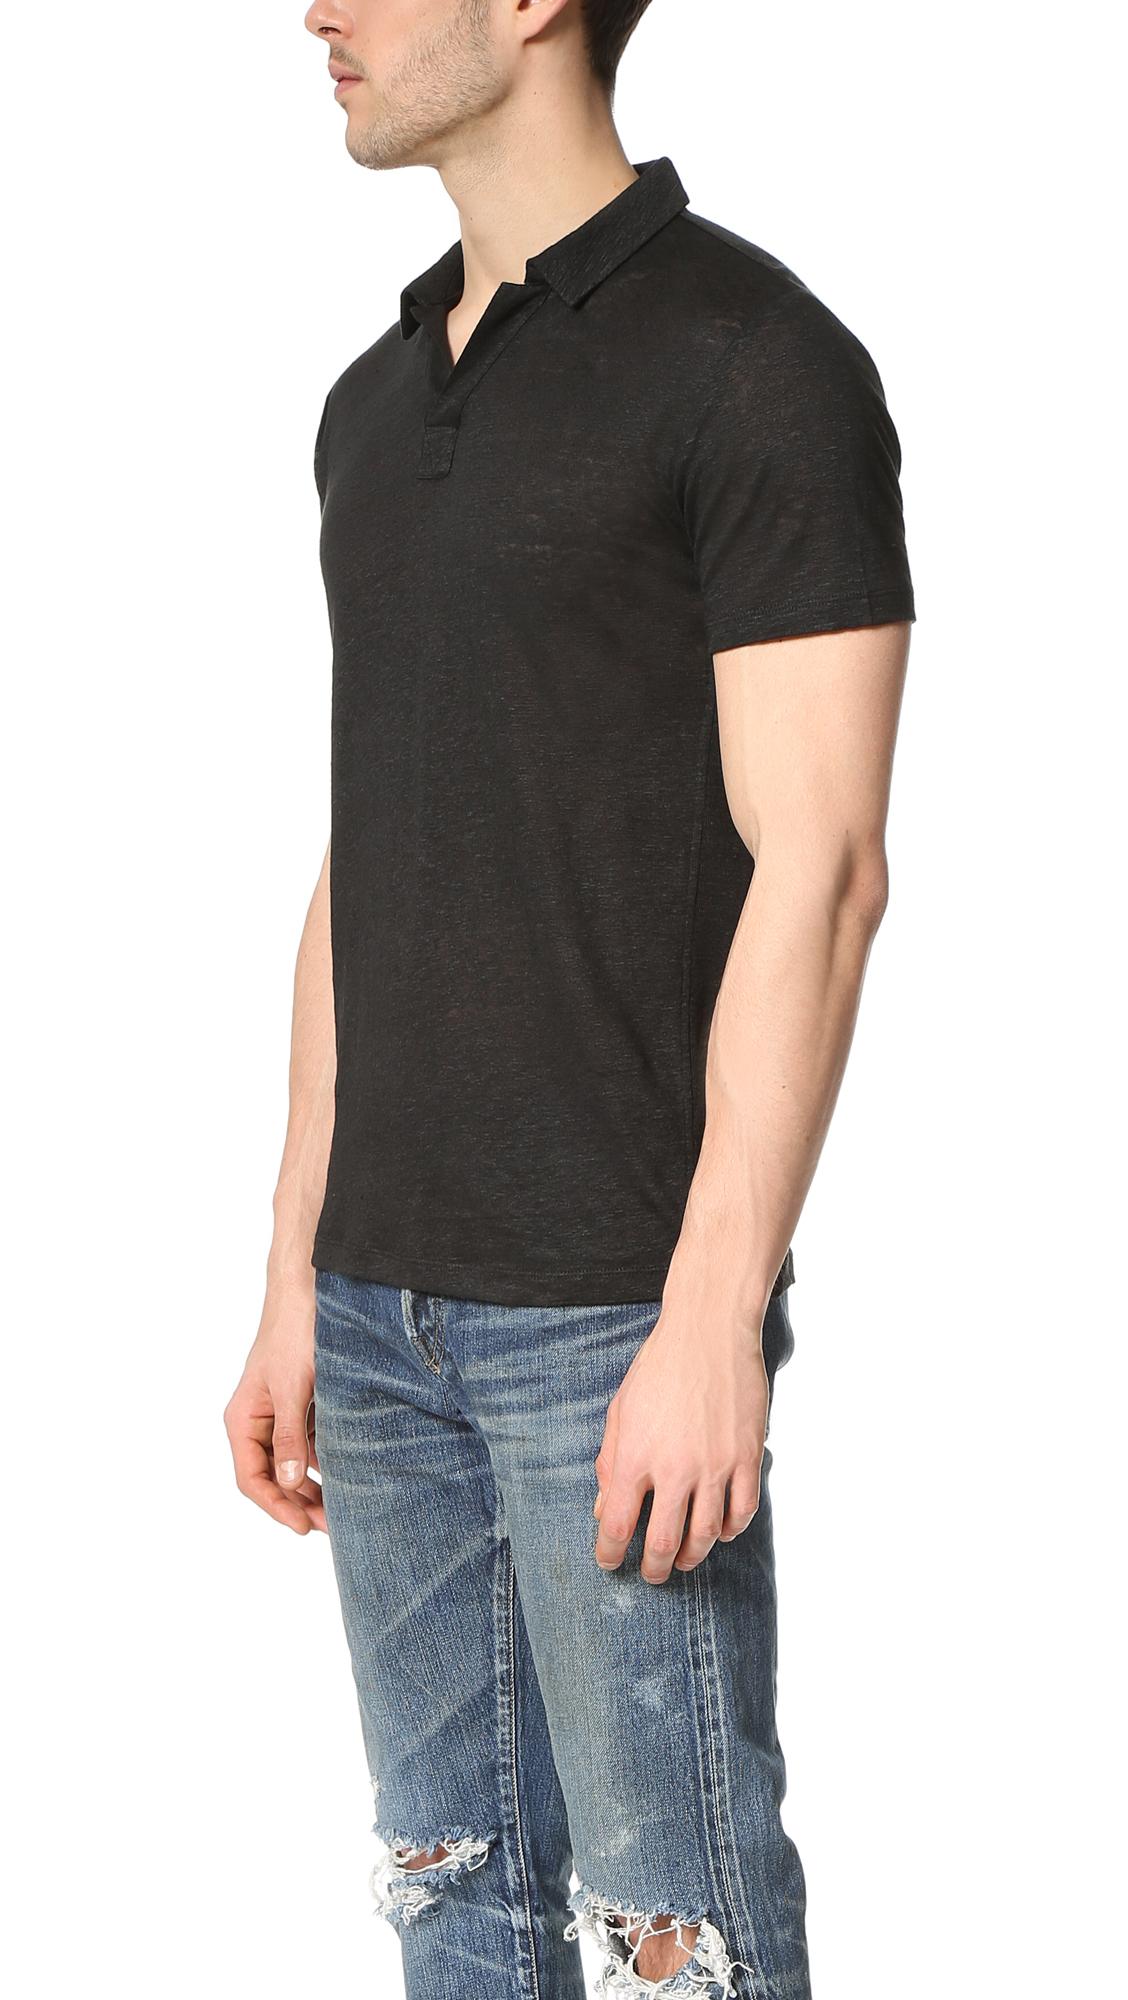 Vince Linen Short Sleeve Polo Shirt In Black For Men Lyst